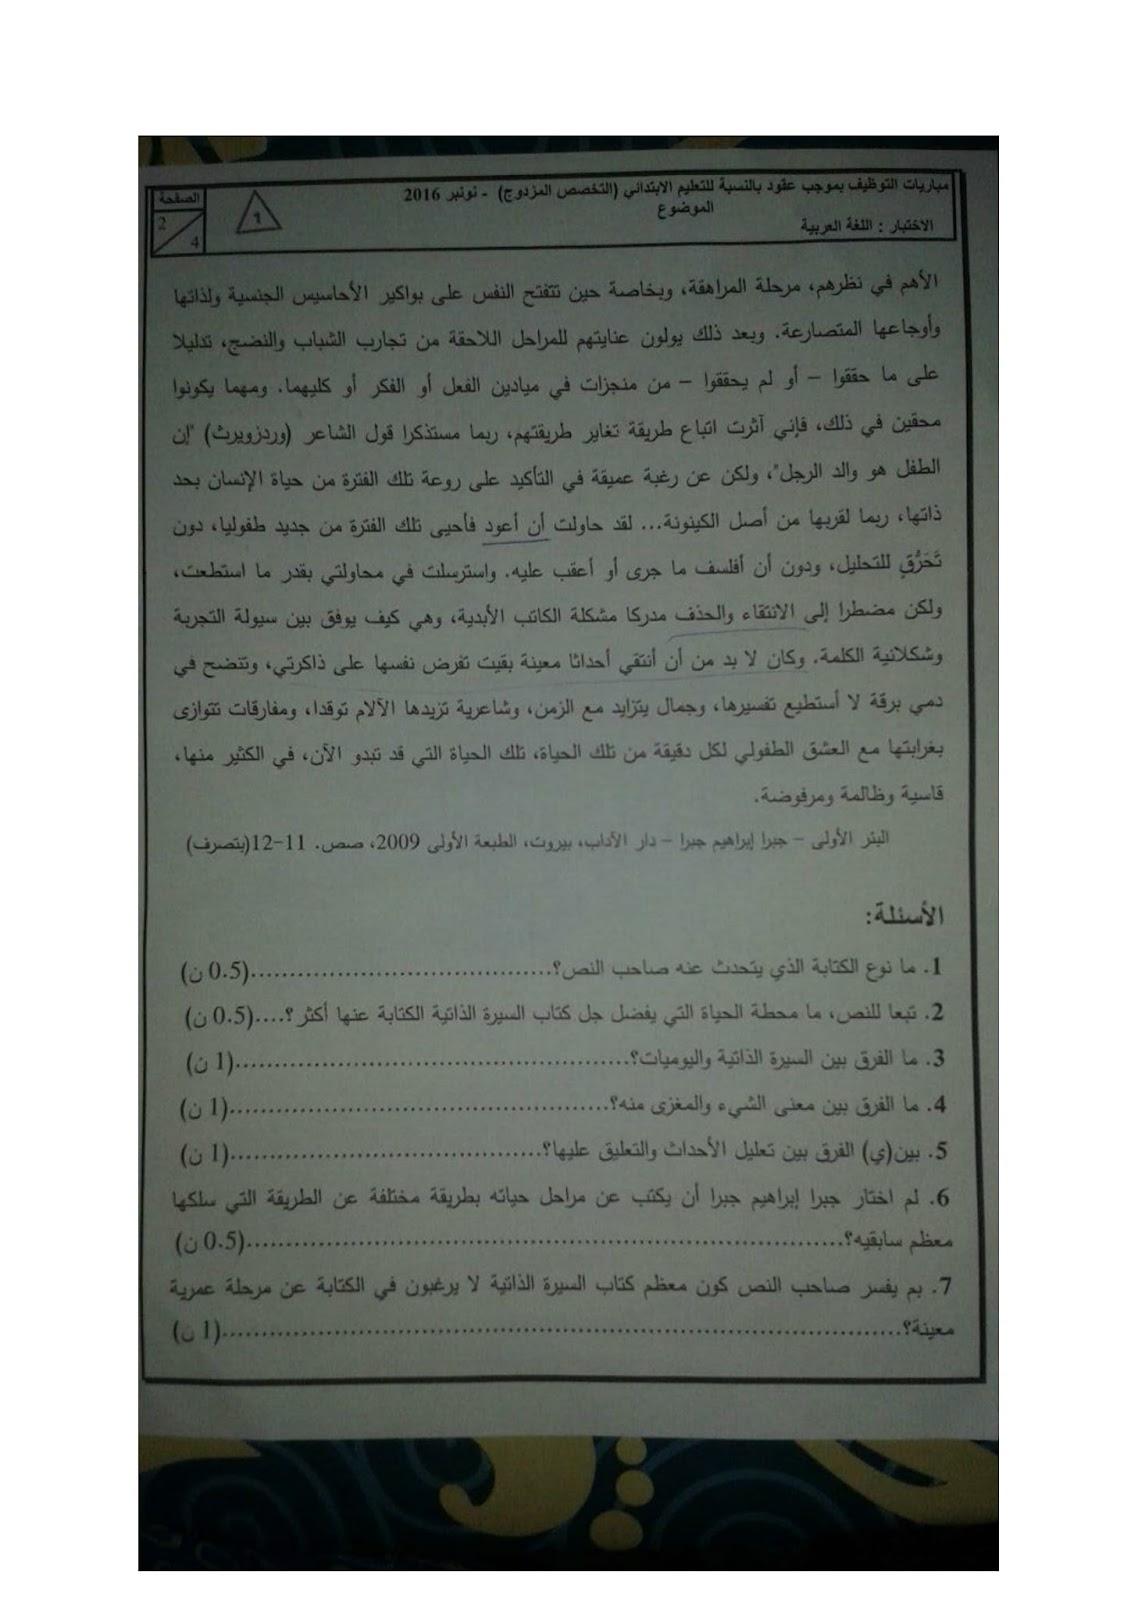 """نماذج مواضيع الاختبارات الكتابية لمباراة التوظيف بالتعاقد التعليم الإبتدائي مادة """" اللغة العربية"""